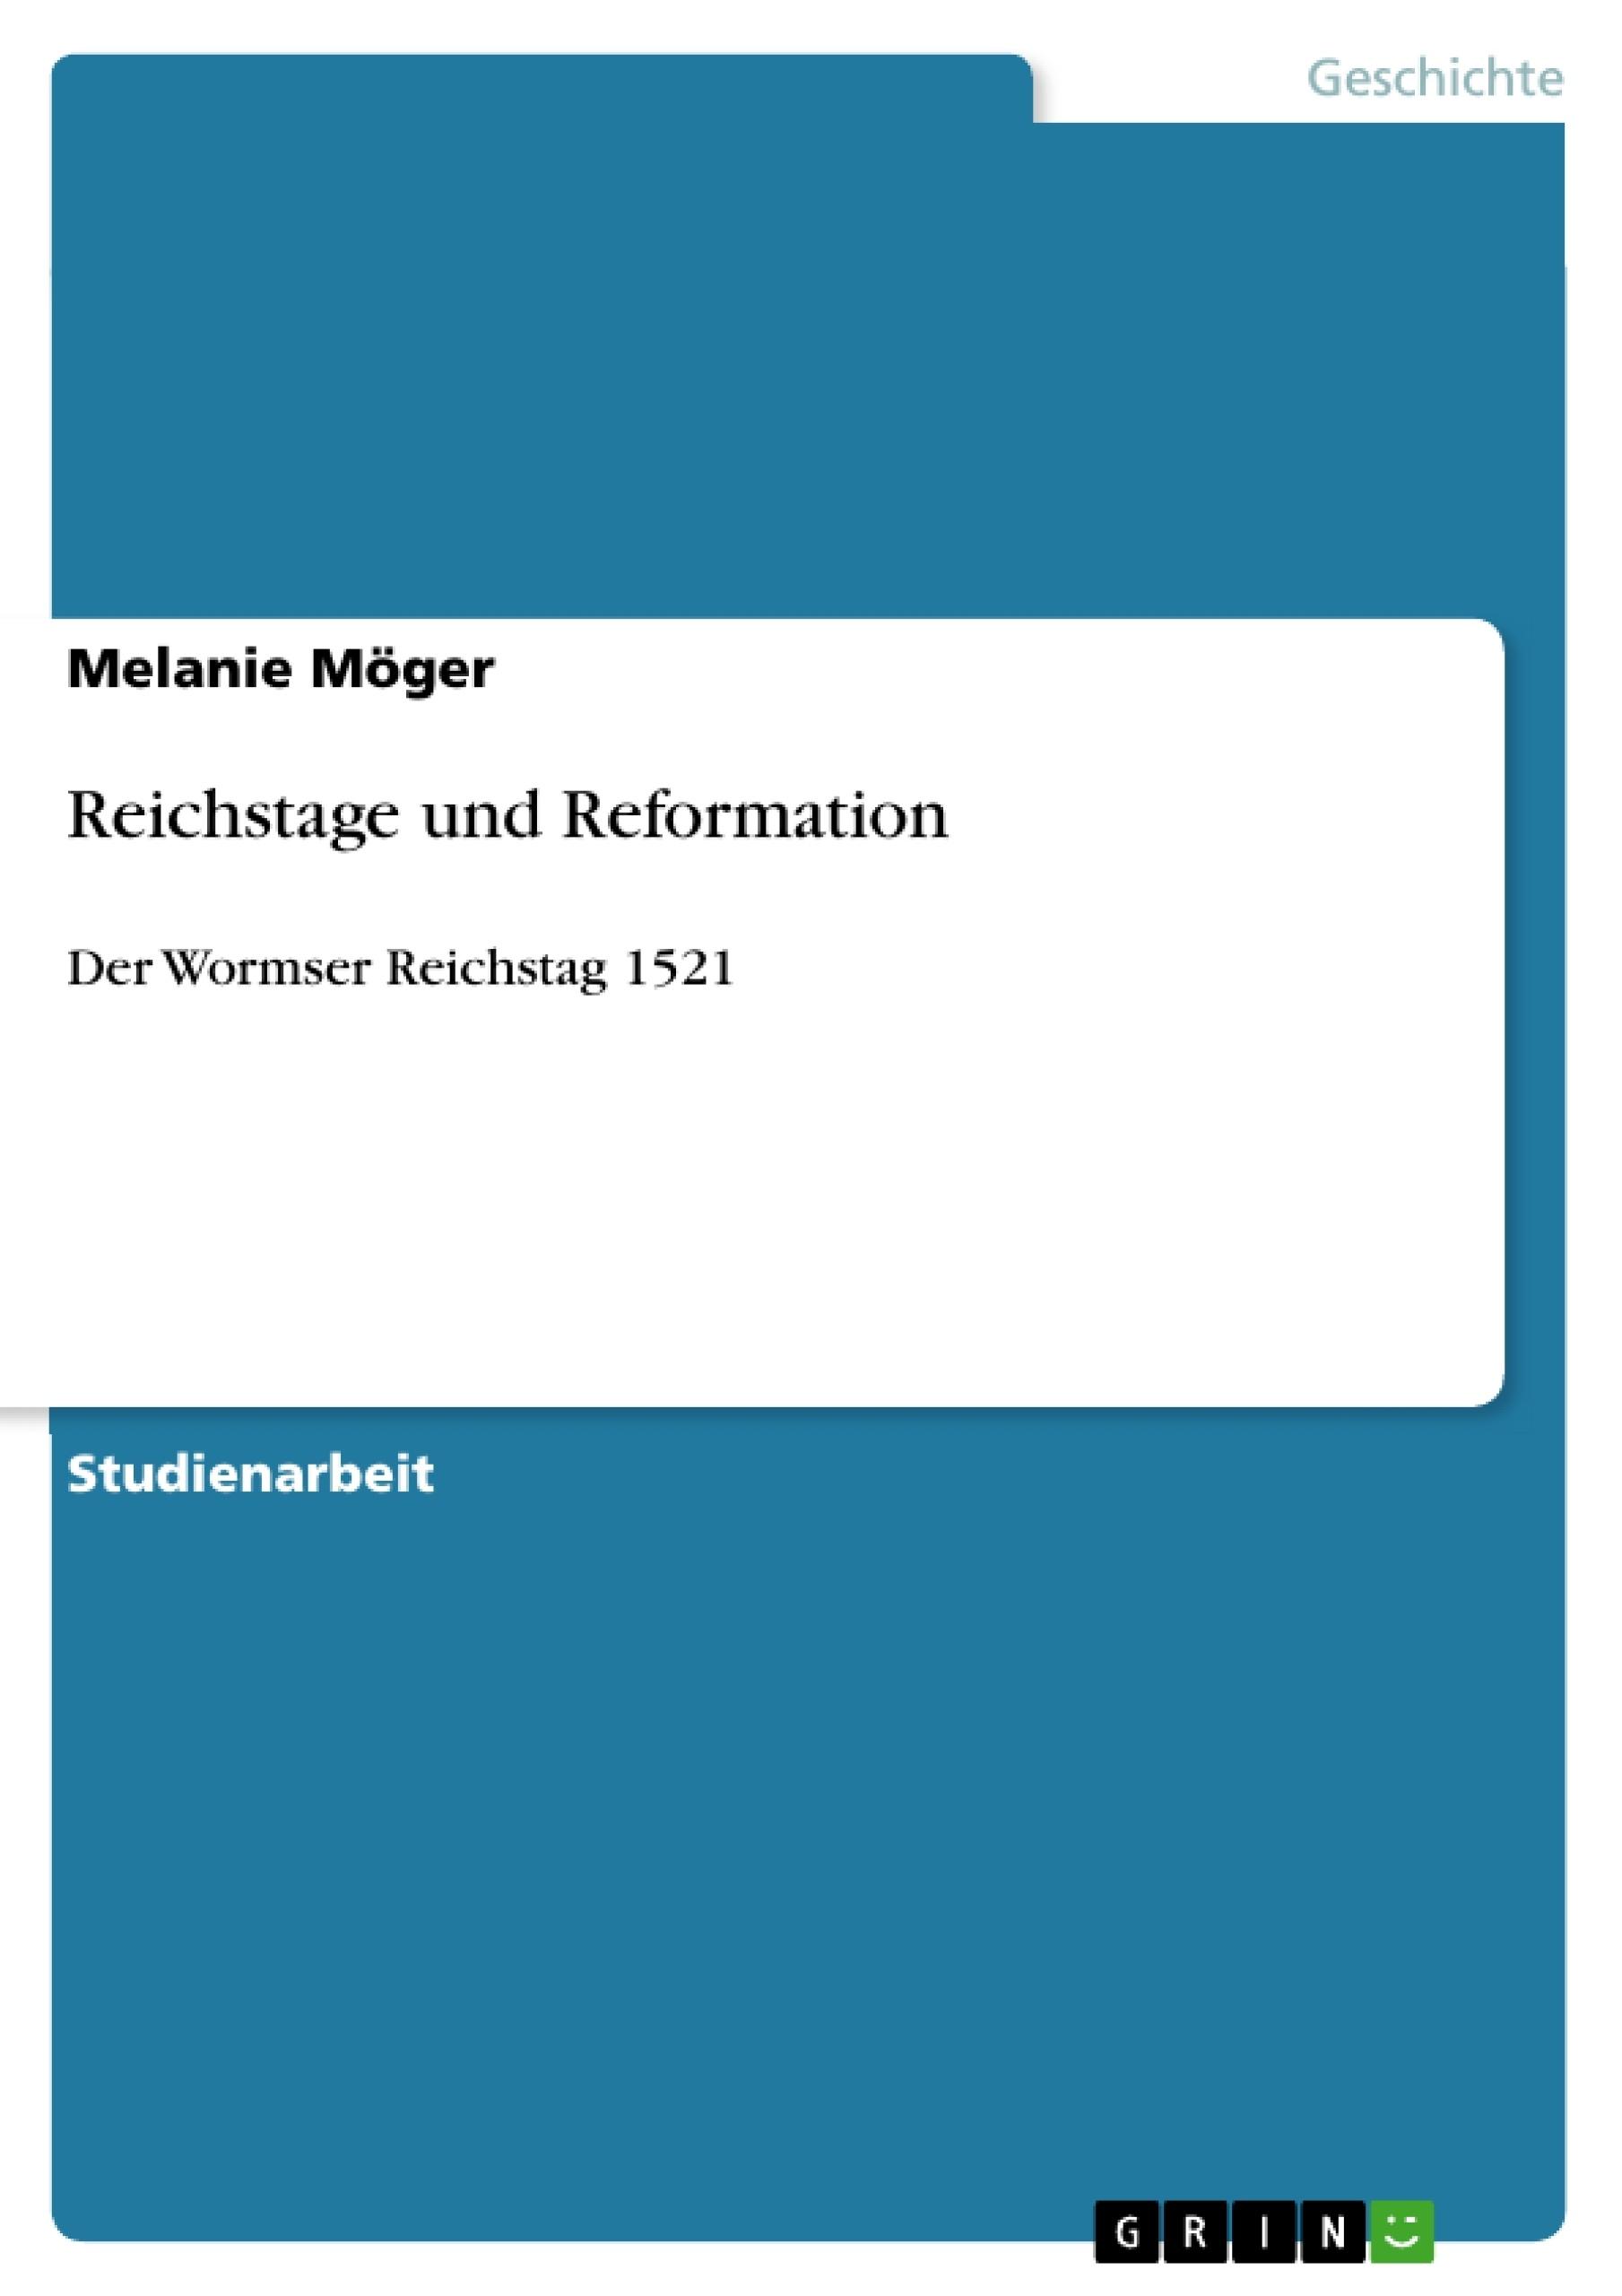 Titel: Reichstage und Reformation